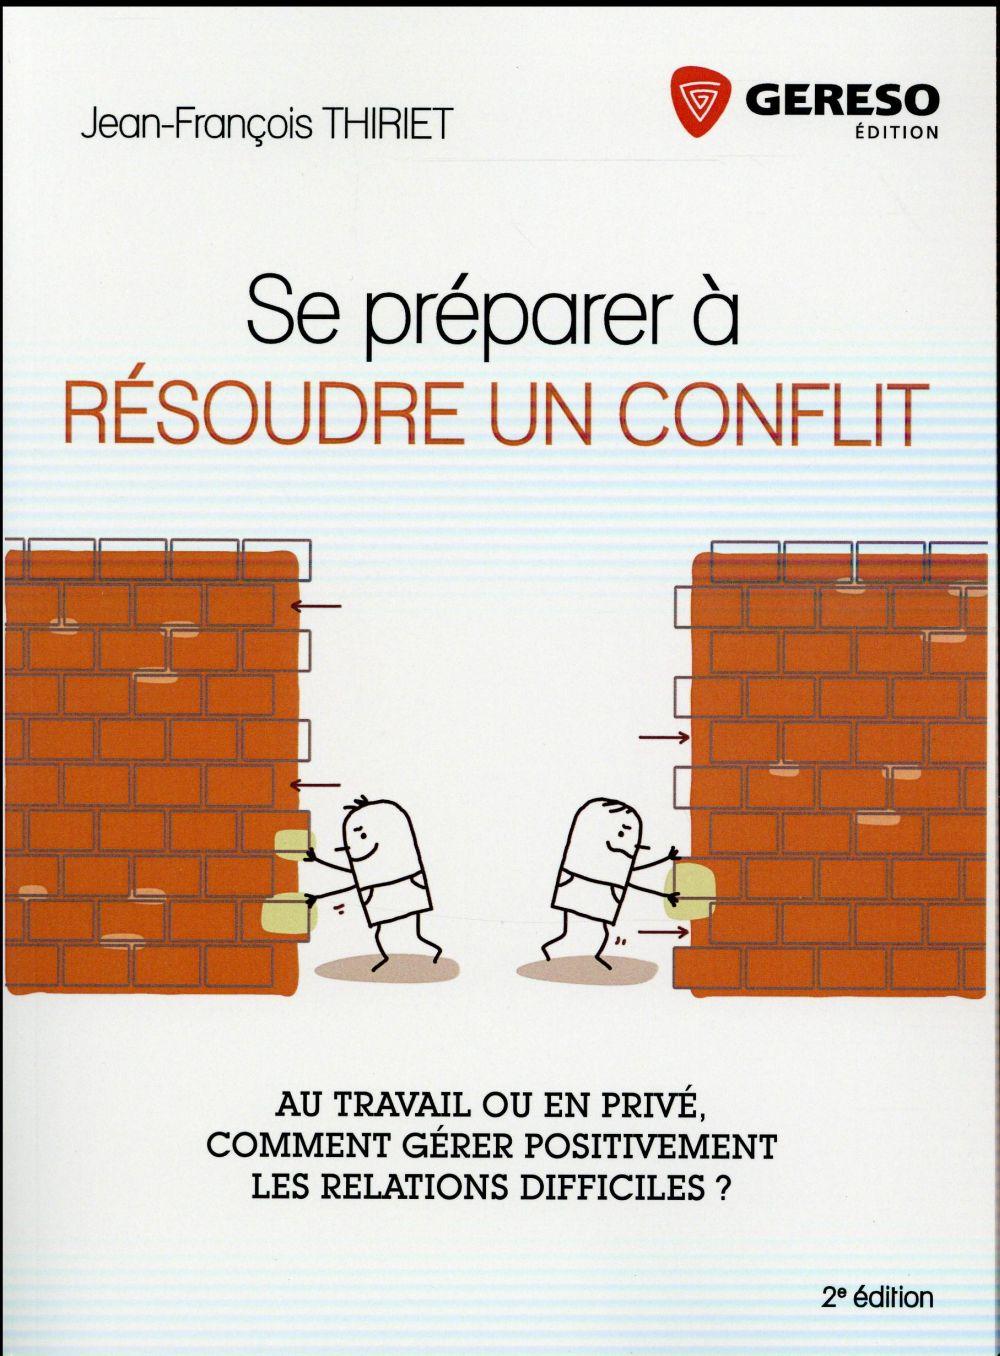 SE PREPARER A RESOUDRE UN CONFLIT  AU TRAVAIL OU EN PRIVE COMMENT GERER POSITIVE